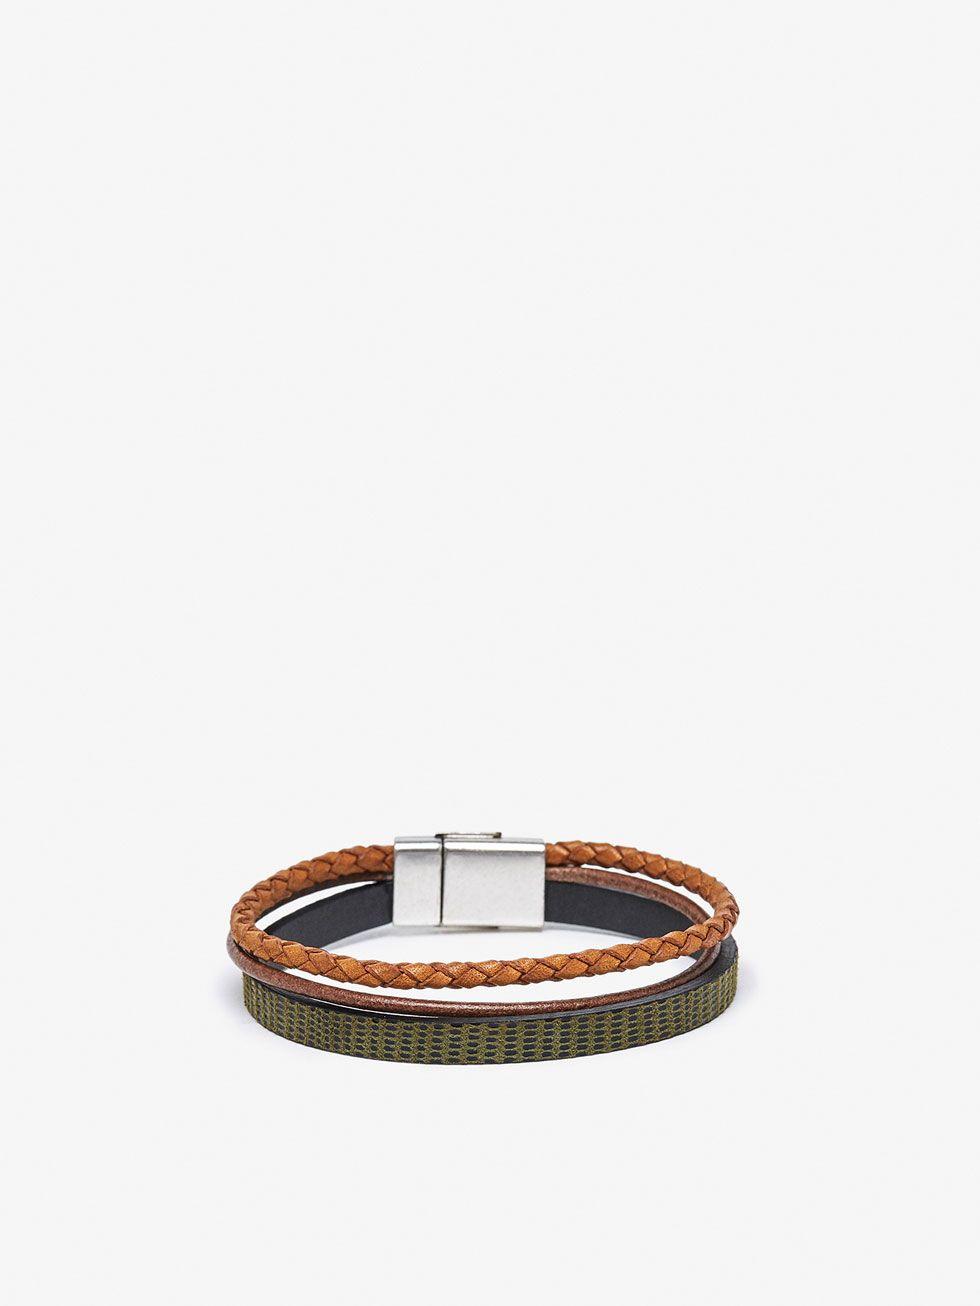 835921e8e0c13 Bracelets - Accessories - MEN - Massimo Dutti   [DETAILS] in 2019 ...